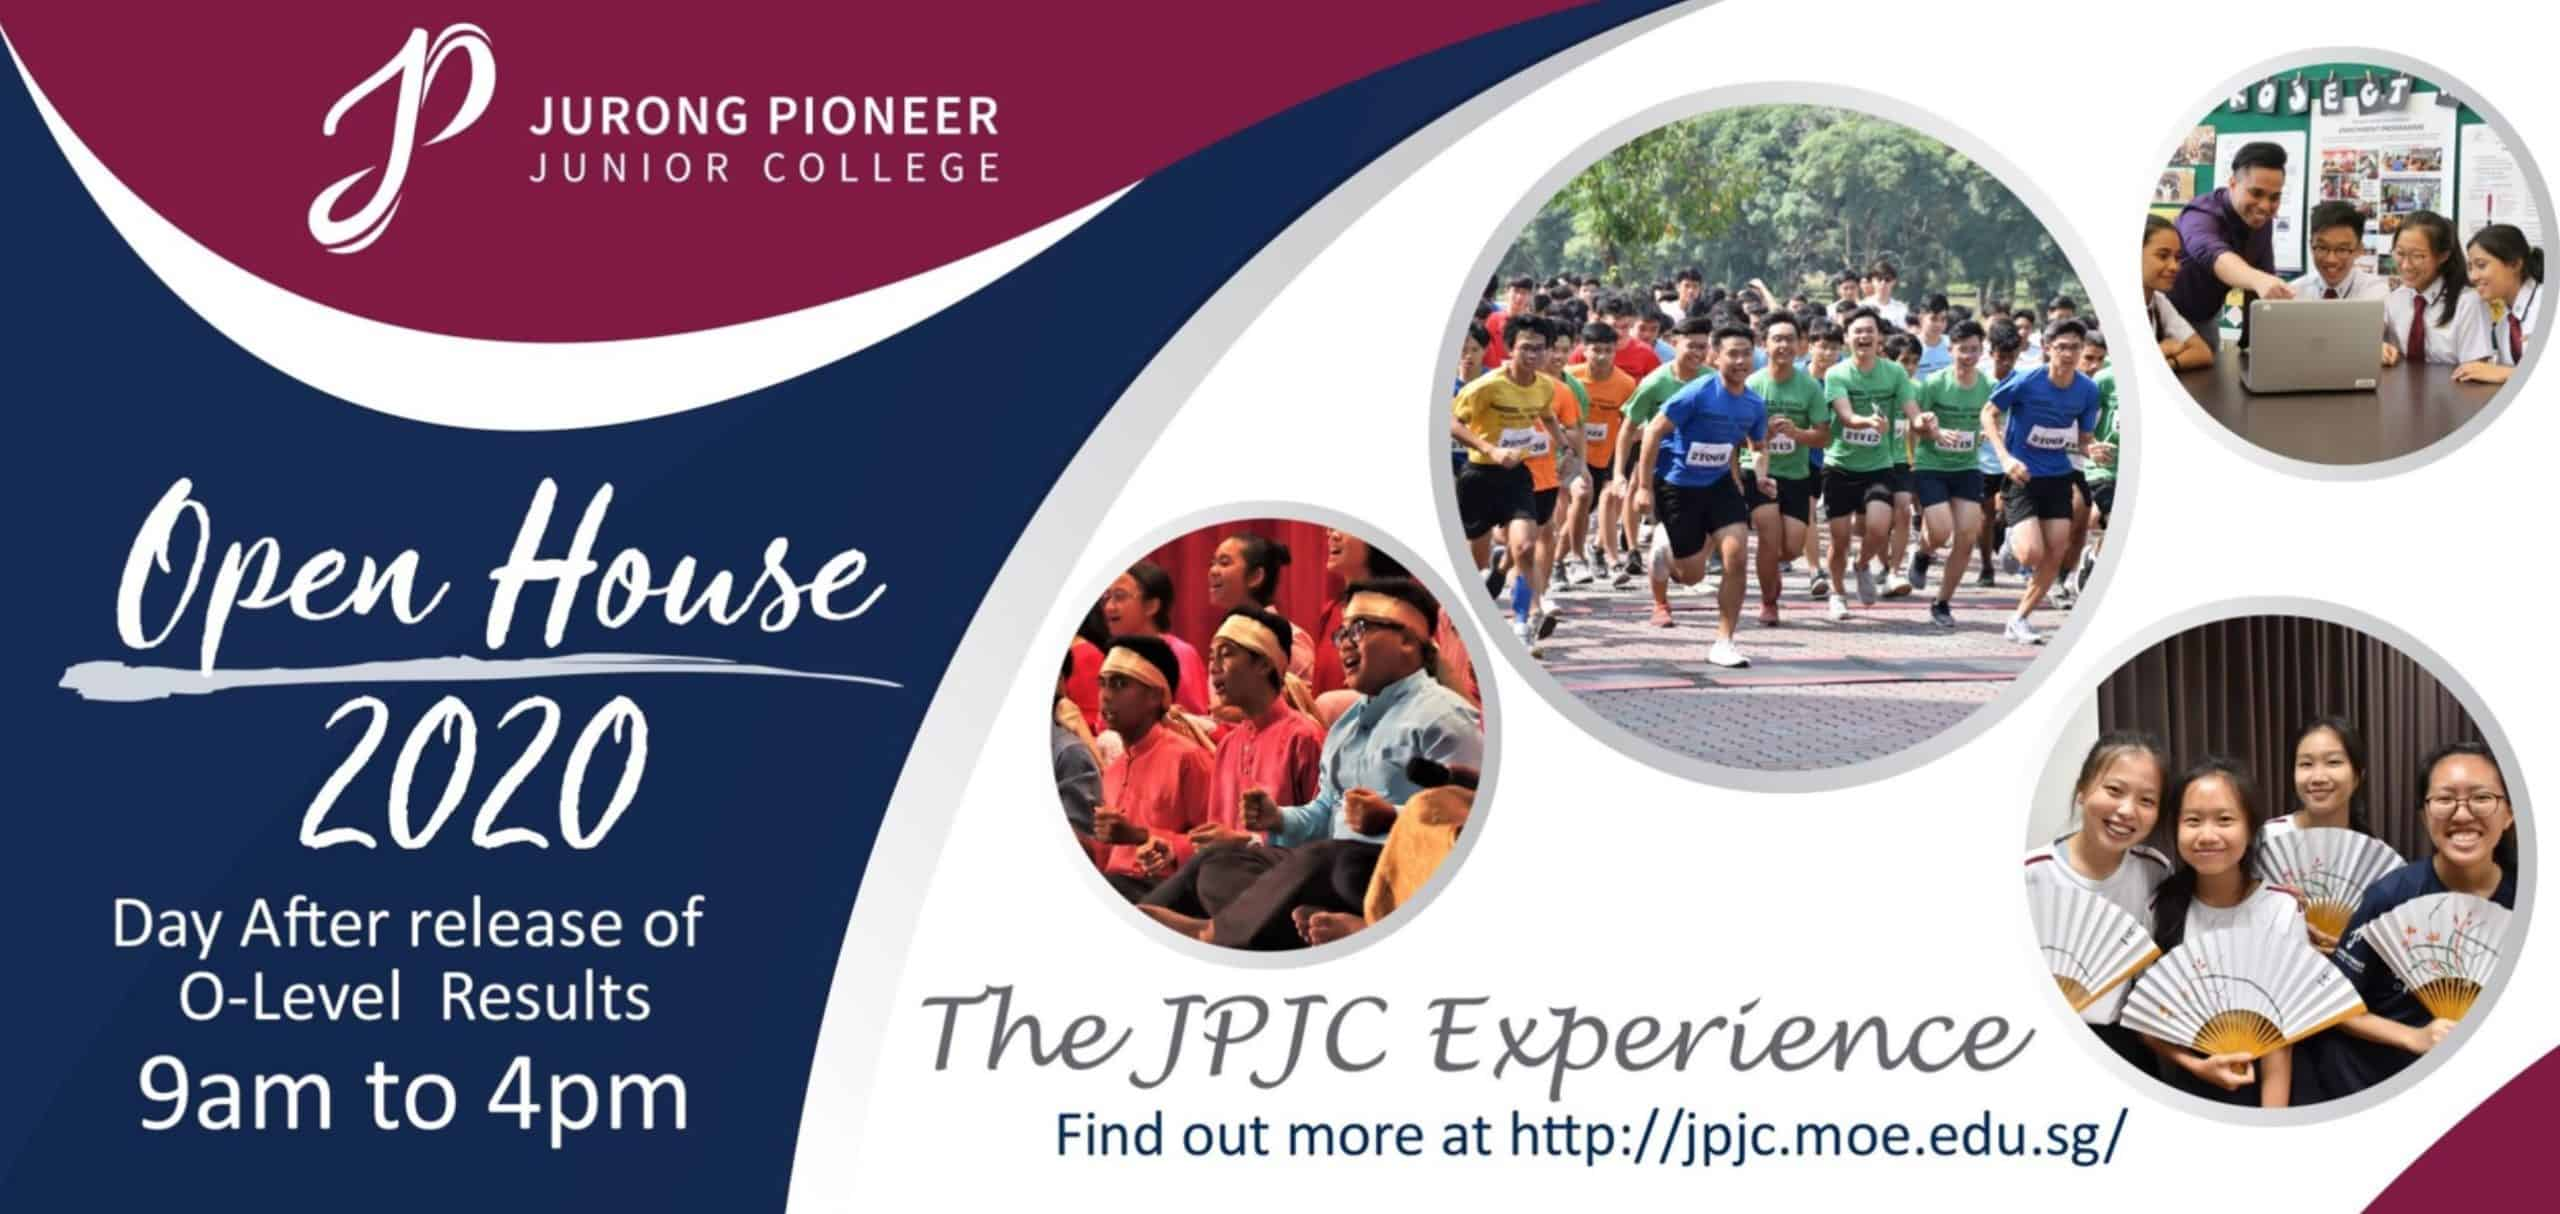 JPJC Open House